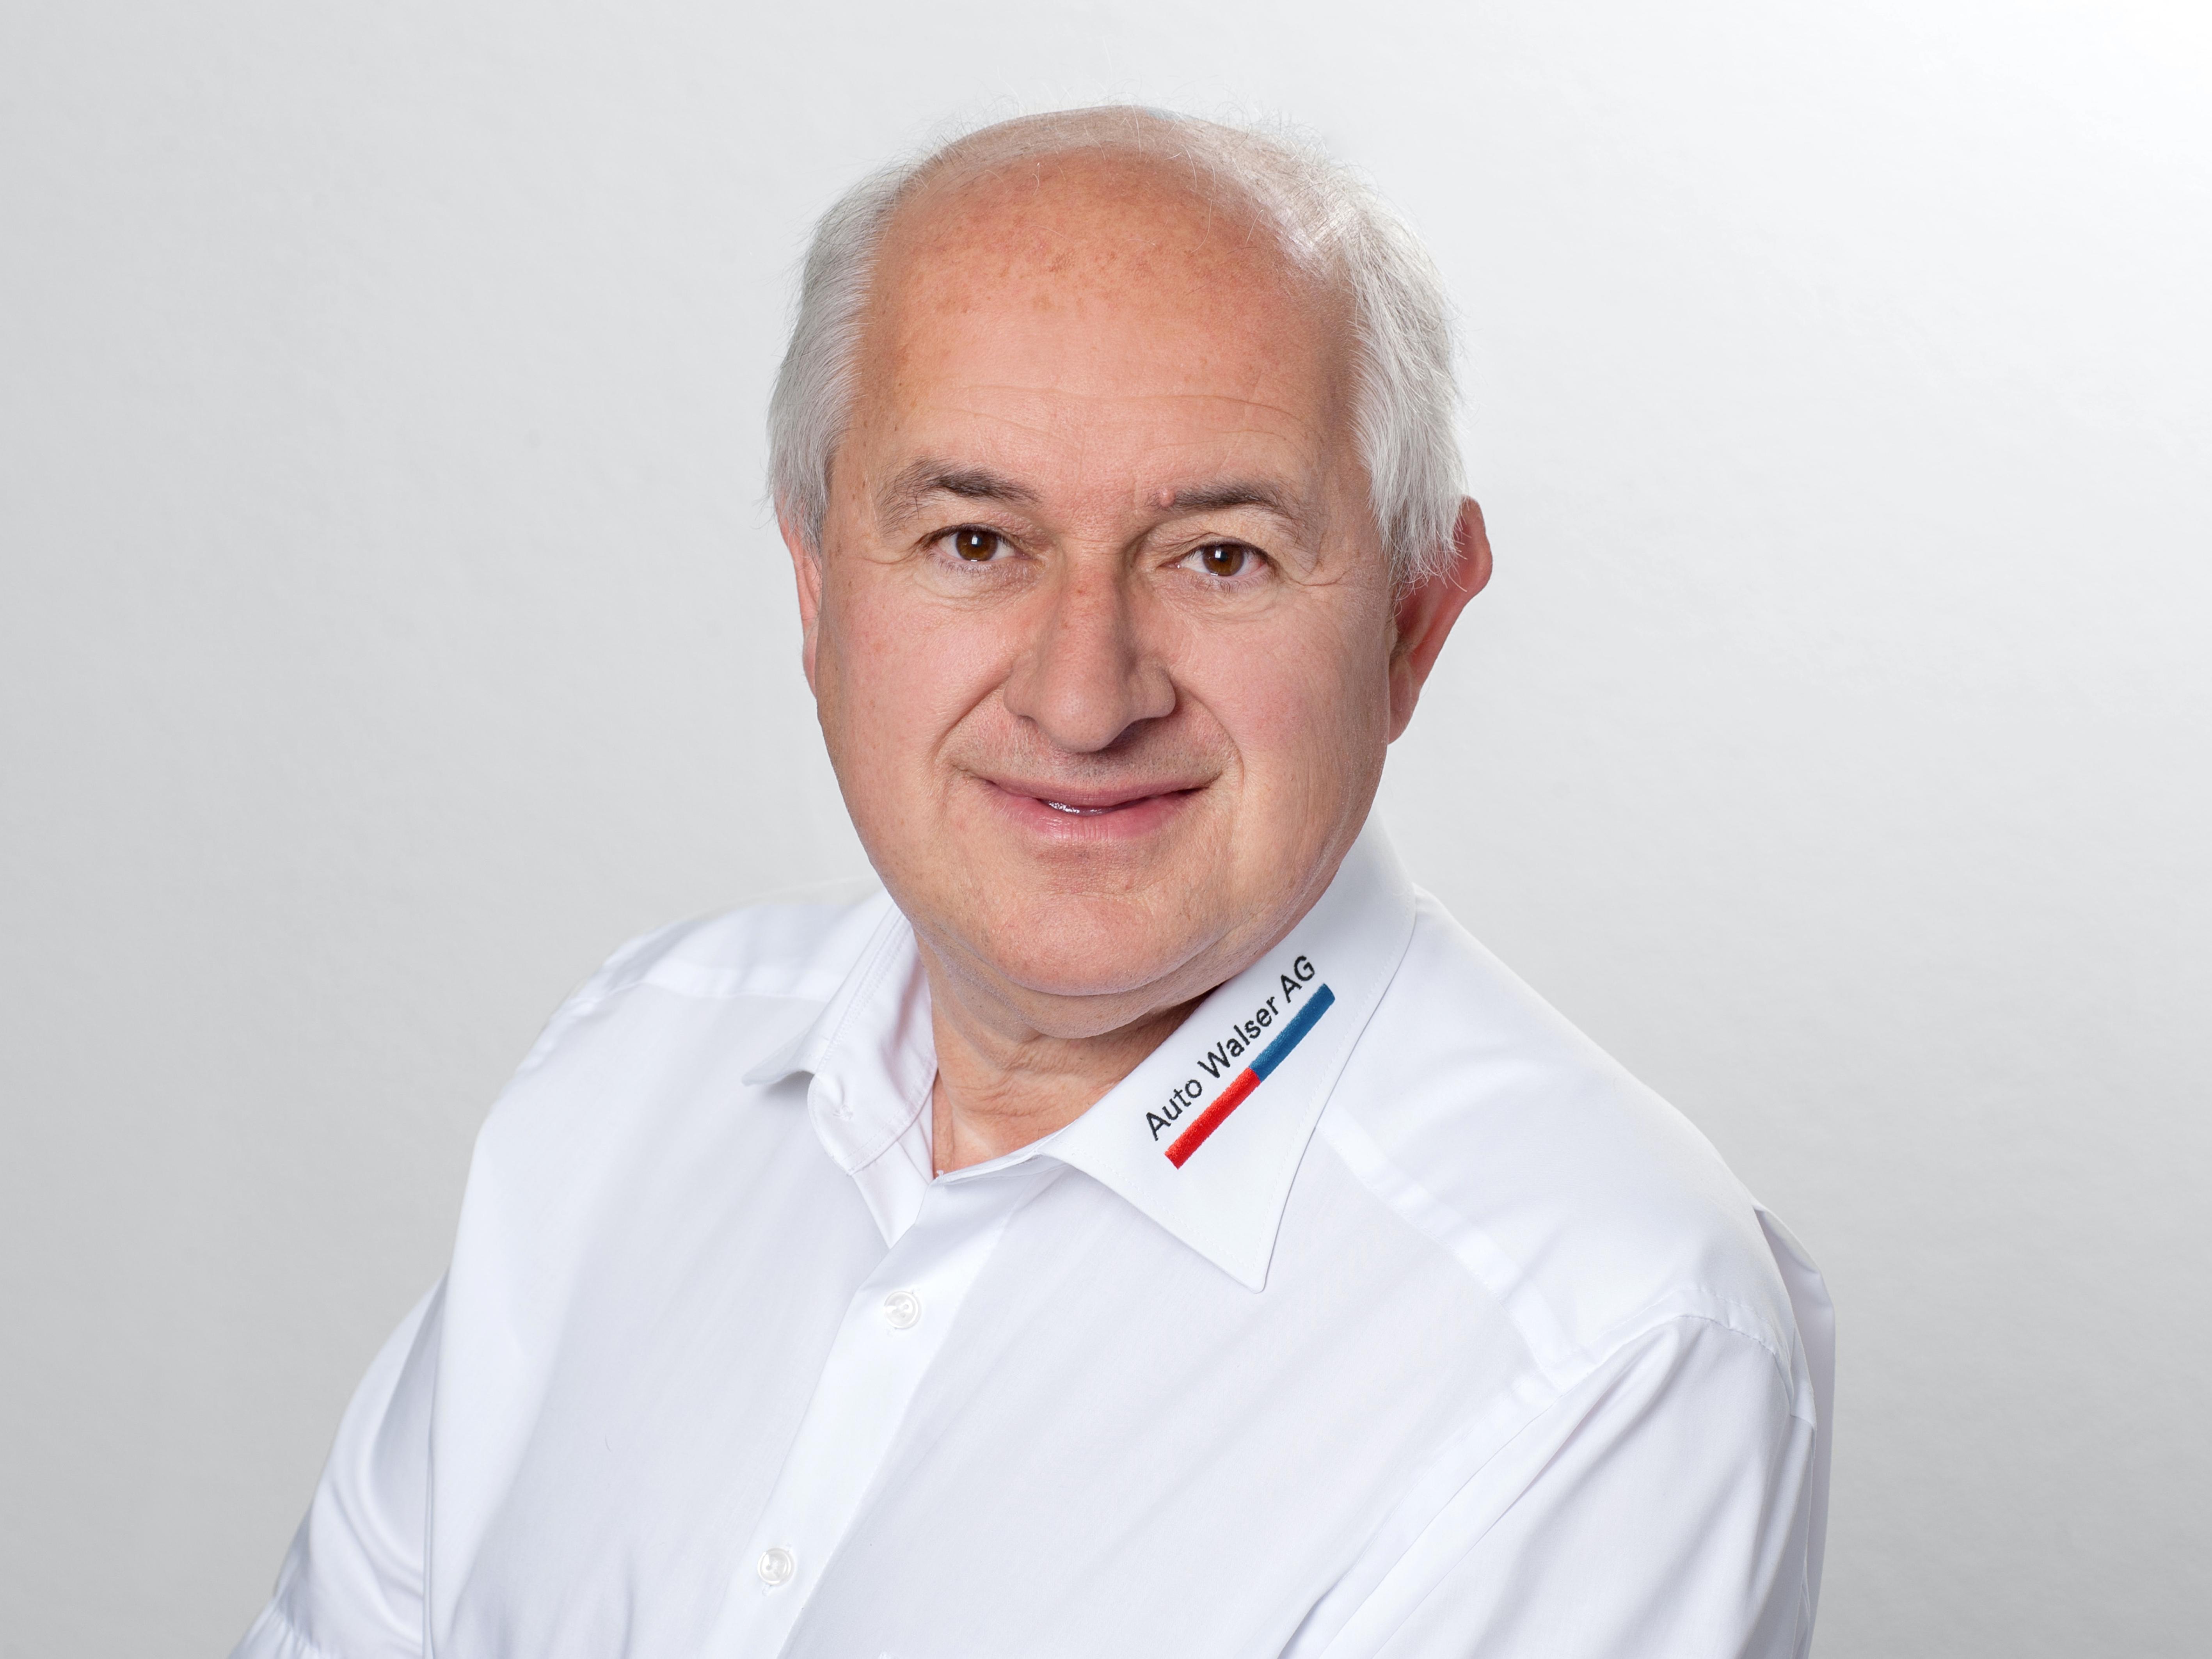 Fausto Becci : BMW Verkaufsleiter / VR Mitglied